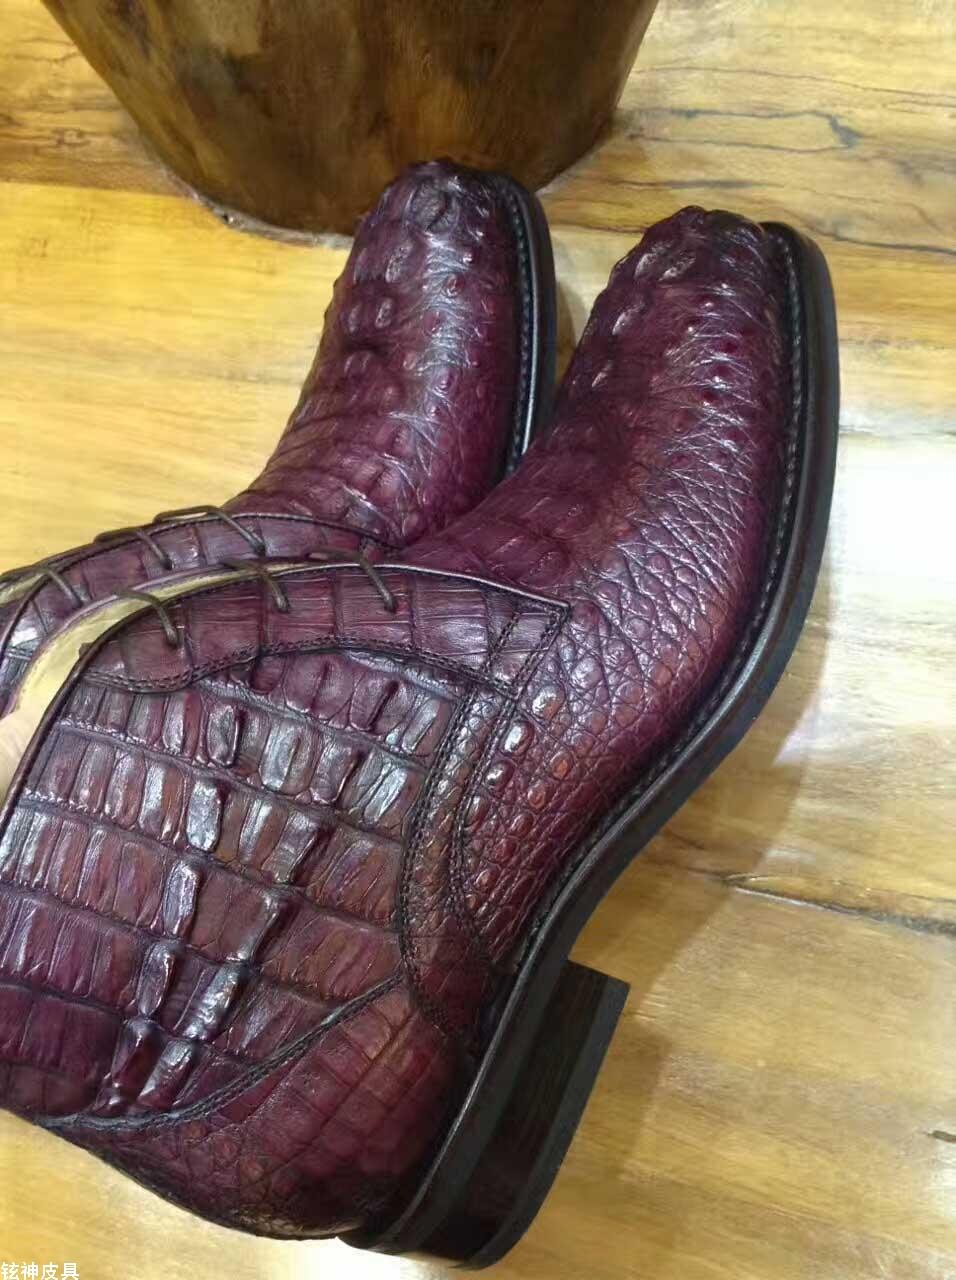 泸洲市鳄鱼种类